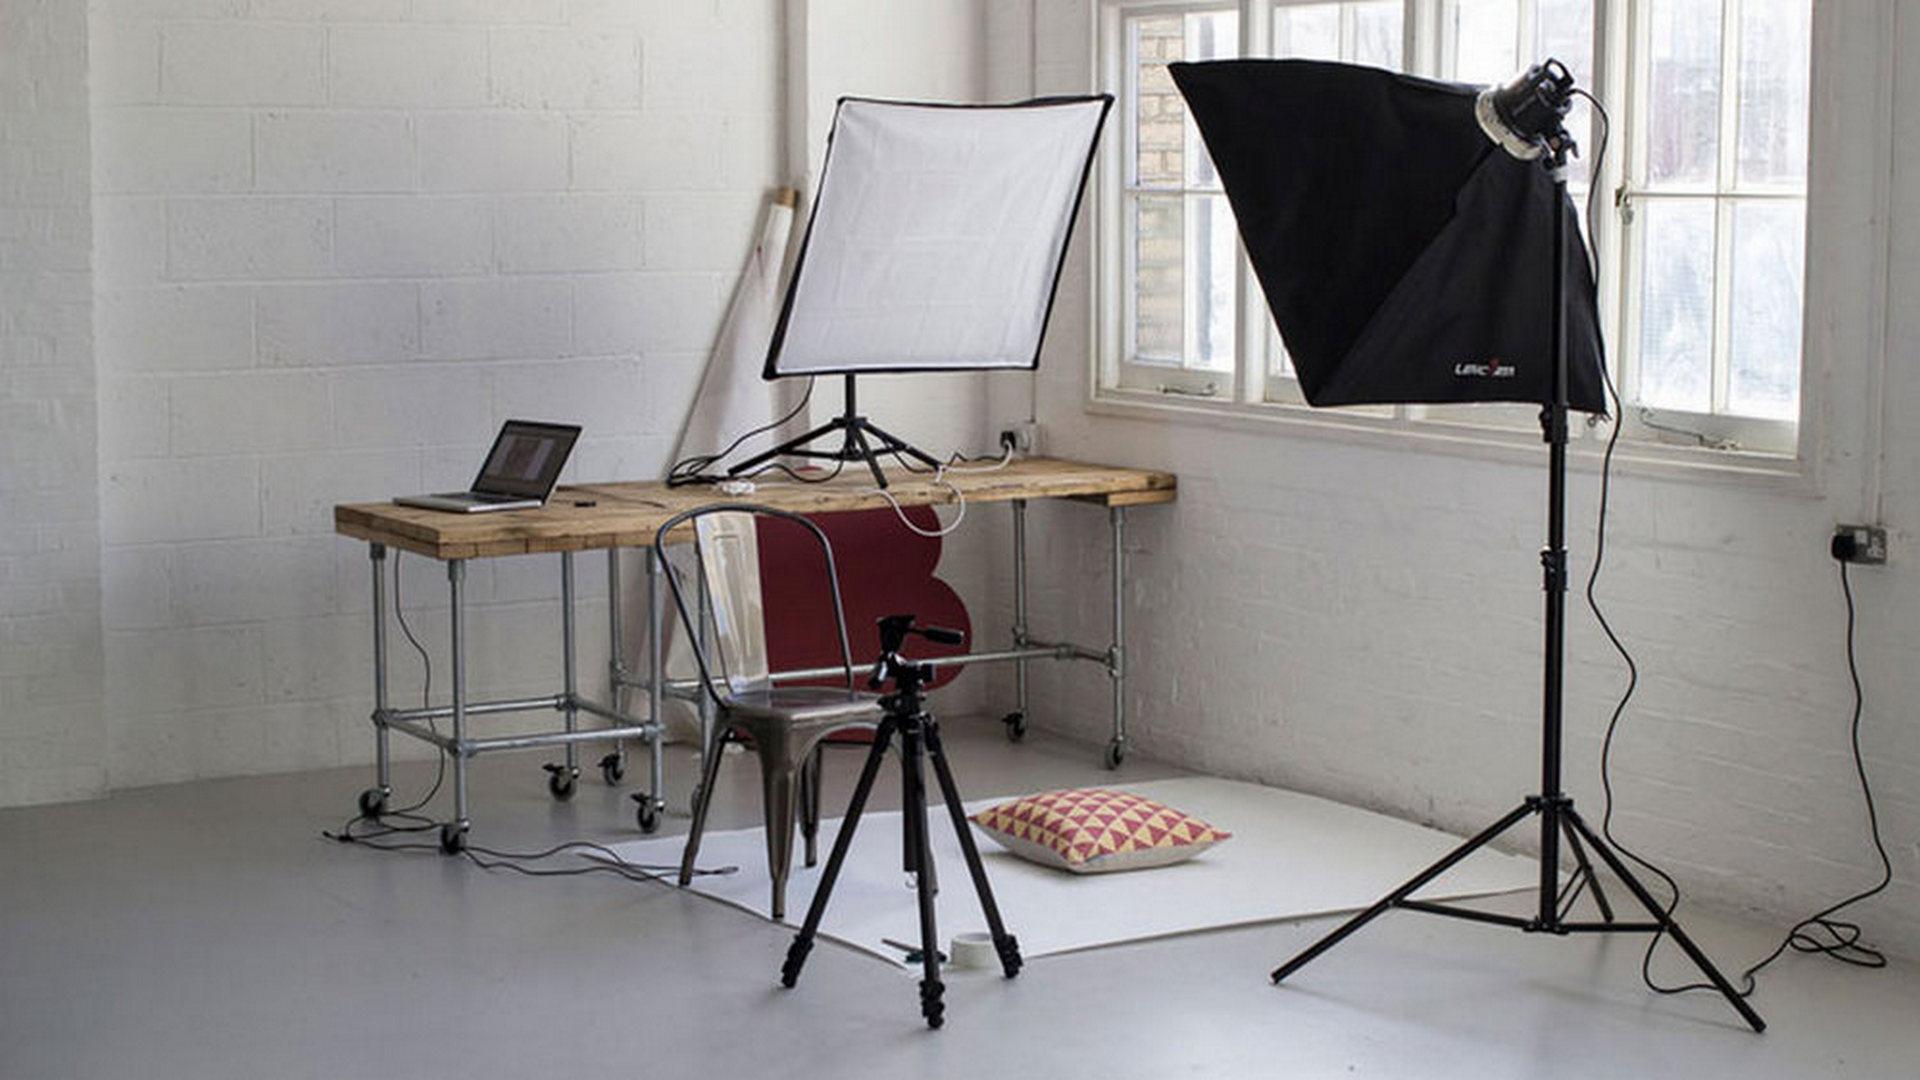 Фотография товара, которая продает. Как оформить галерею интернет-магазина, улучшить пользовательский опыт и избежать ошибок